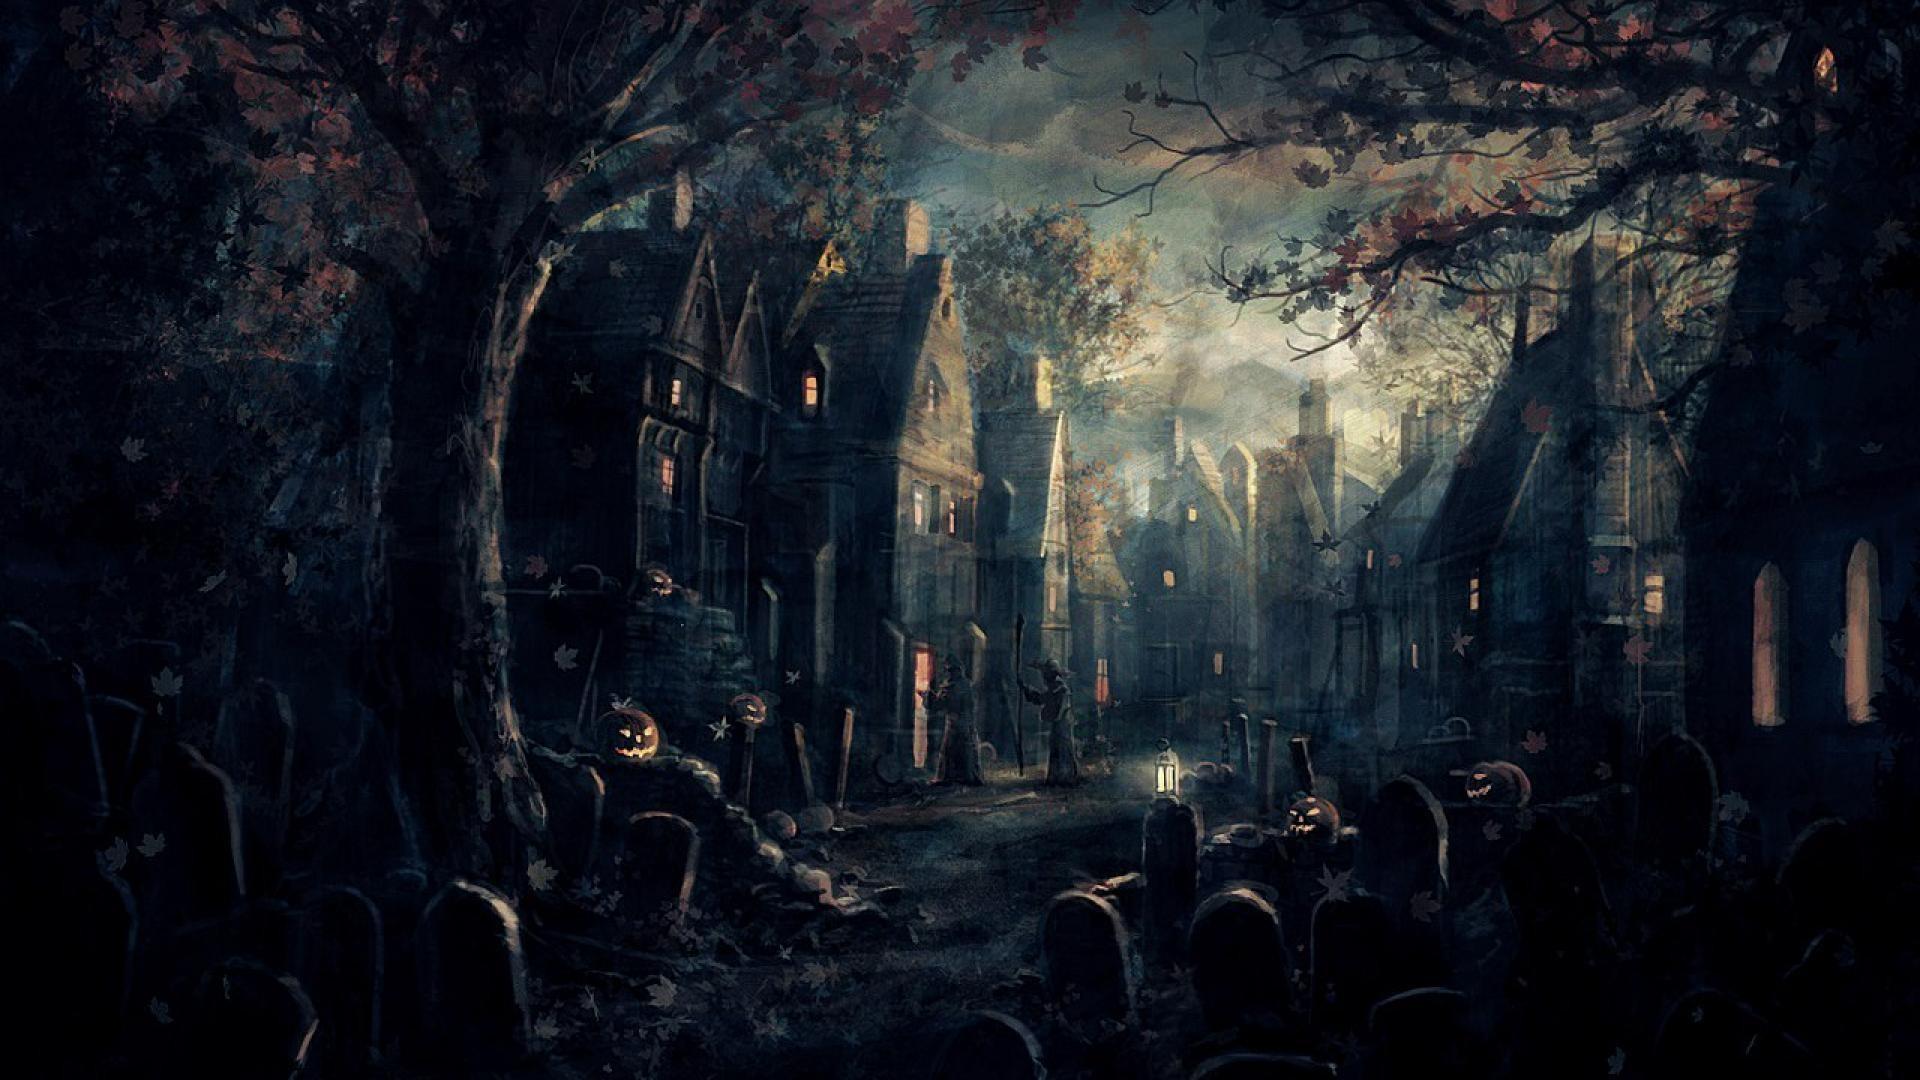 halloween computer wallpapers (61+ images)